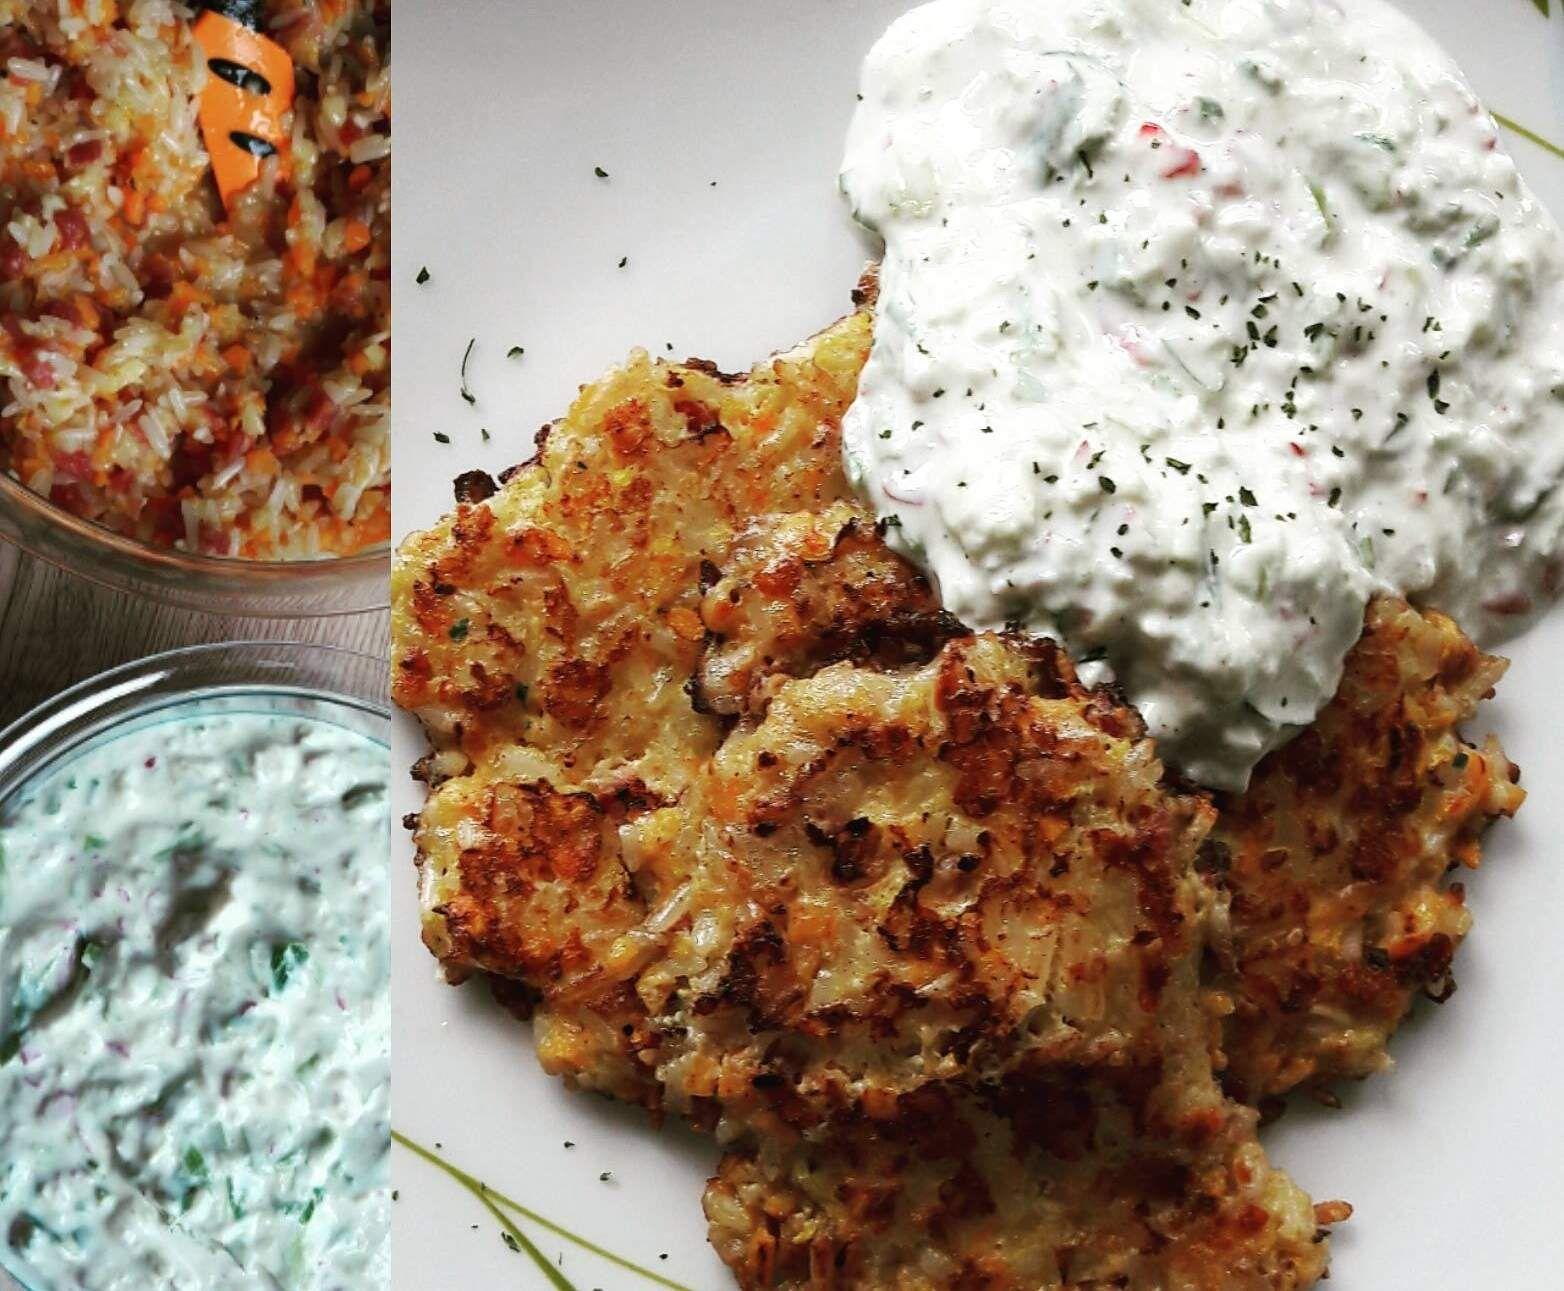 Rezept Reisbratlinge mit Knoblauch-Radieschen-Quark von thermomix_mama - Rezept der Kategorie Hauptgerichte mit Fleisch